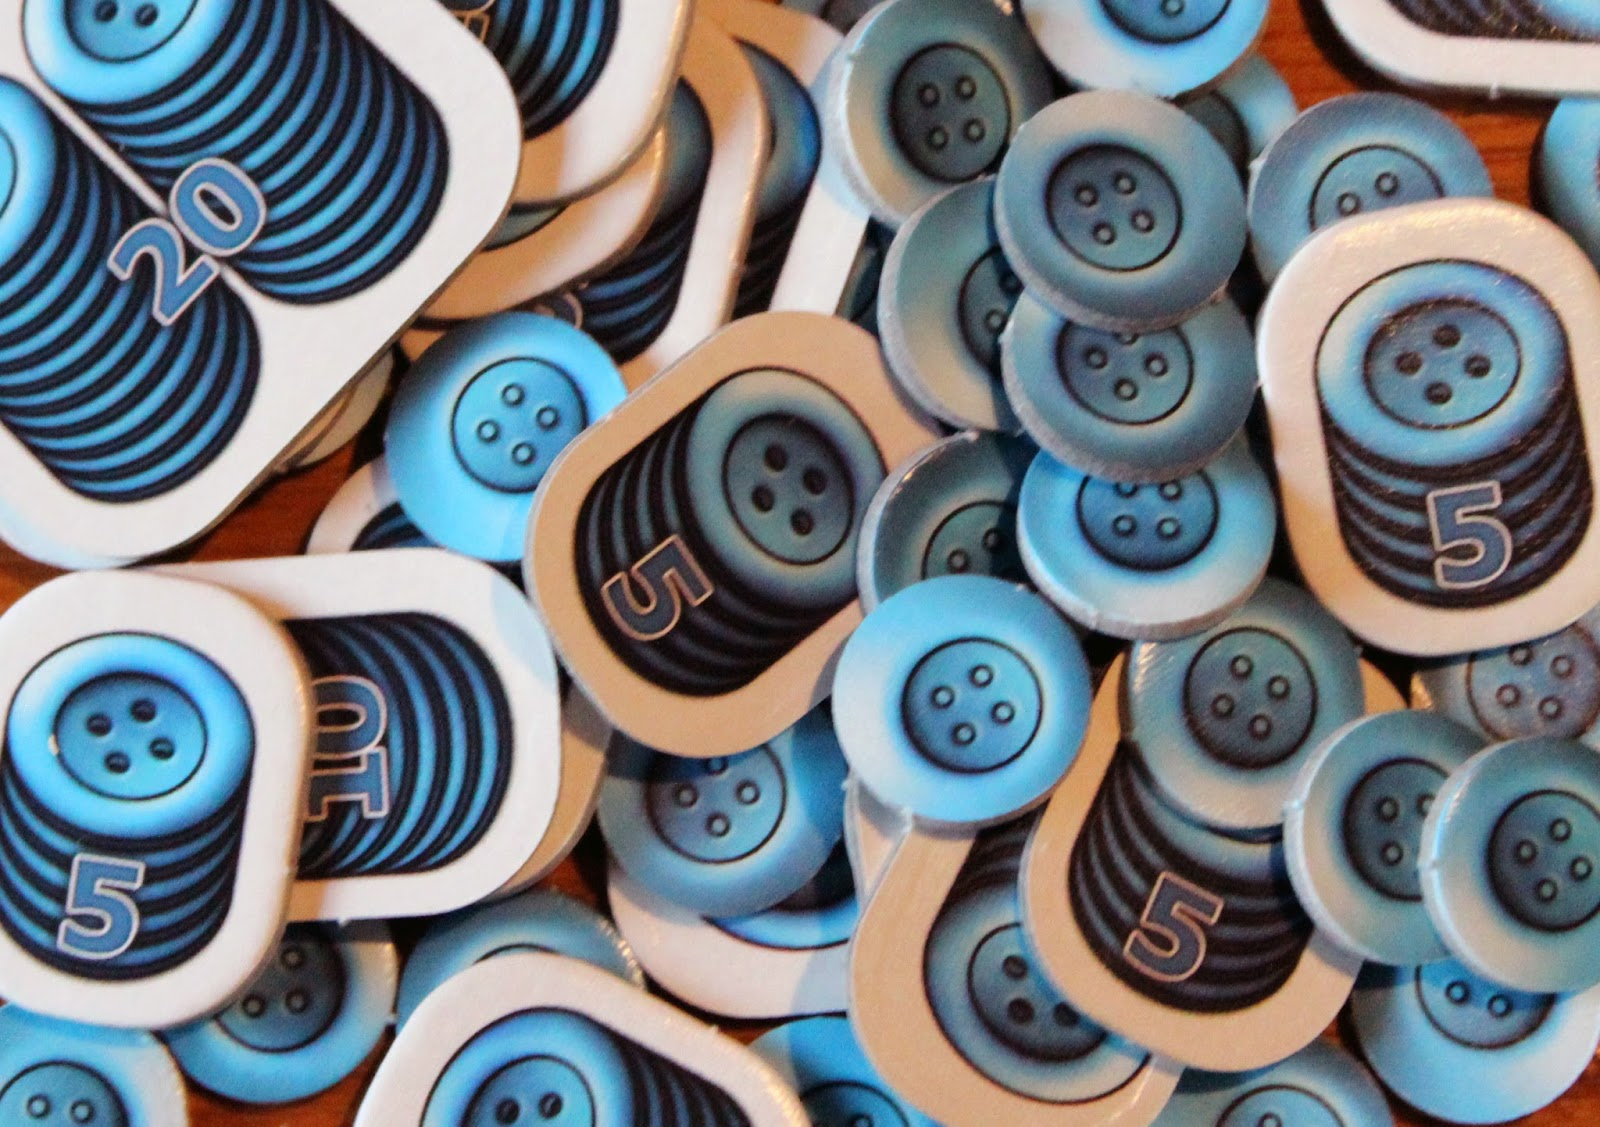 patchwork-buttons.JPG